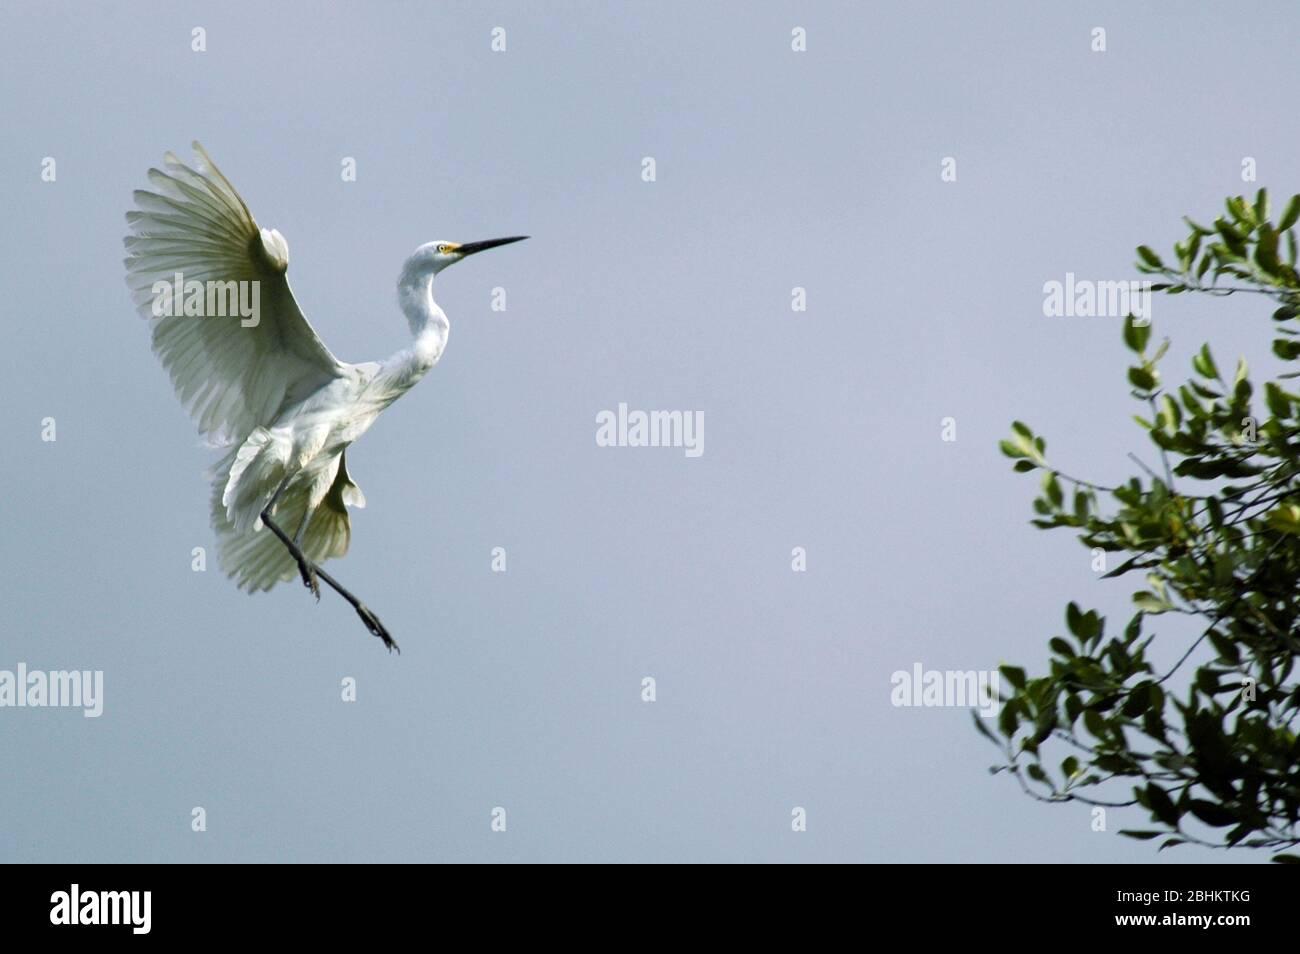 A wild, white, little egret (Egretta garzetta) in flight at Ancol Bird Park, Ancol Dreamland, North Jakarta, Indonesia, in 2005. Stock Photo